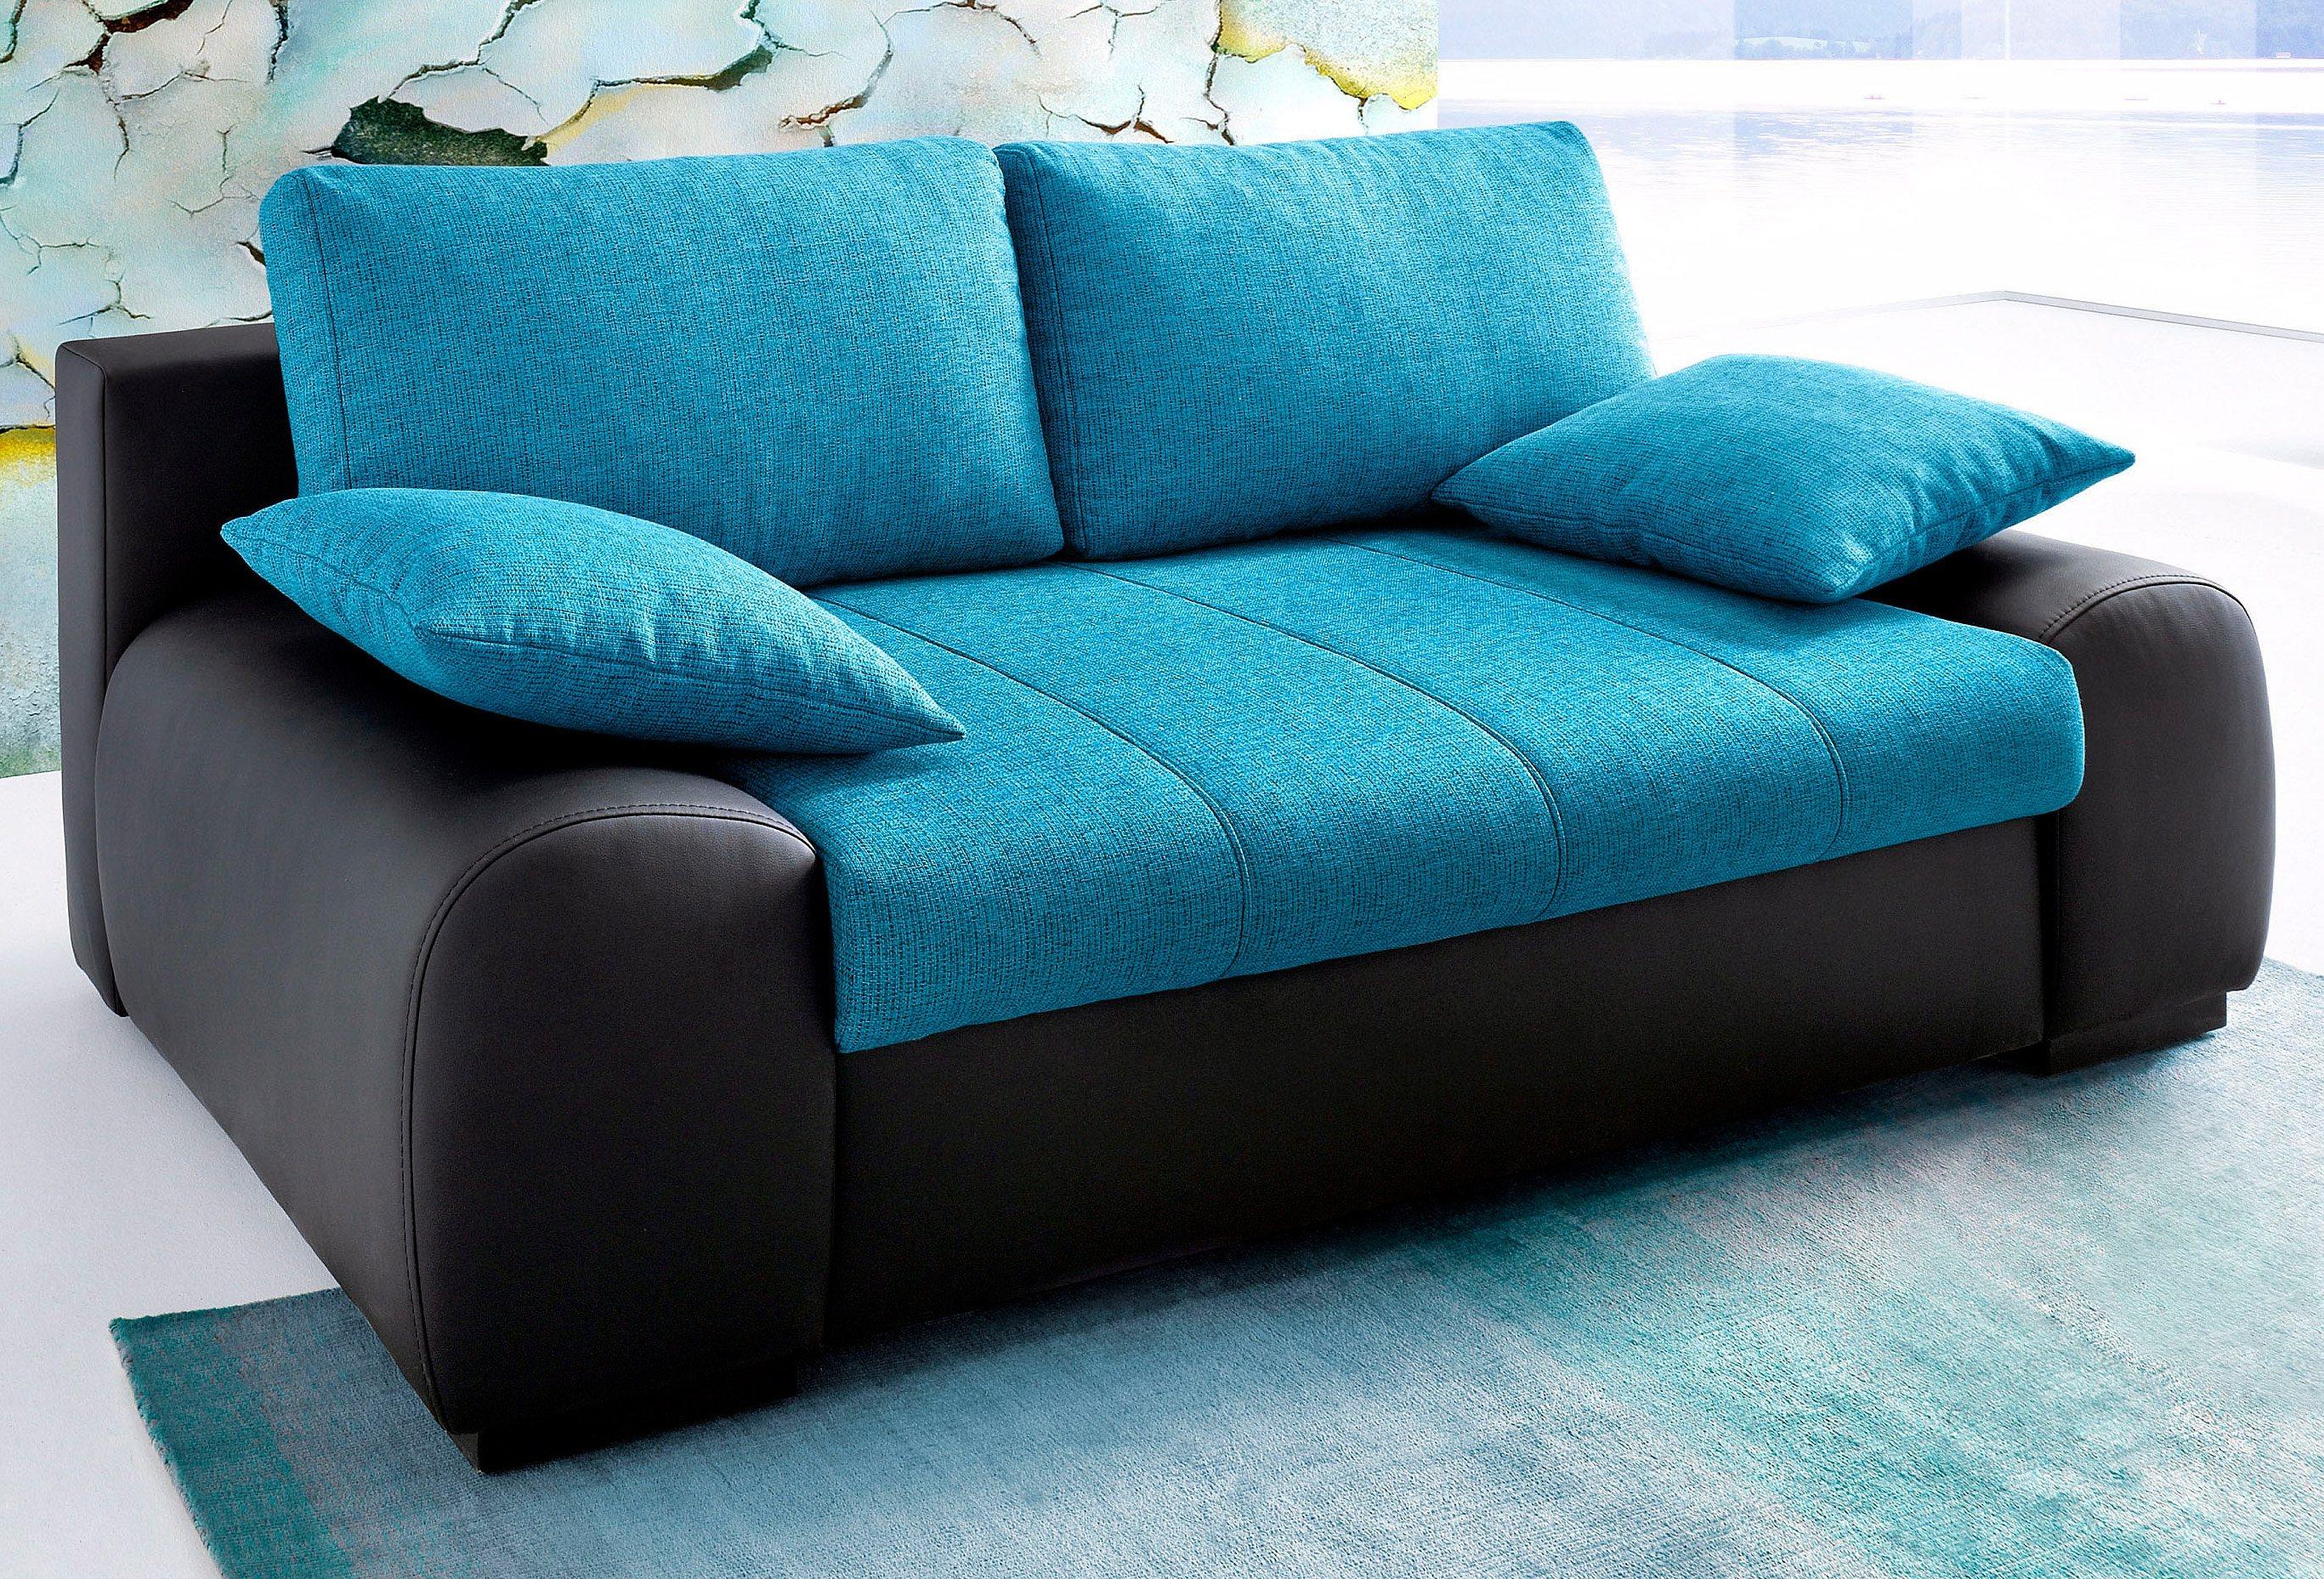 Schlafsofa mit boxspringunterfederung schwarz online for Jugendzimmer couch